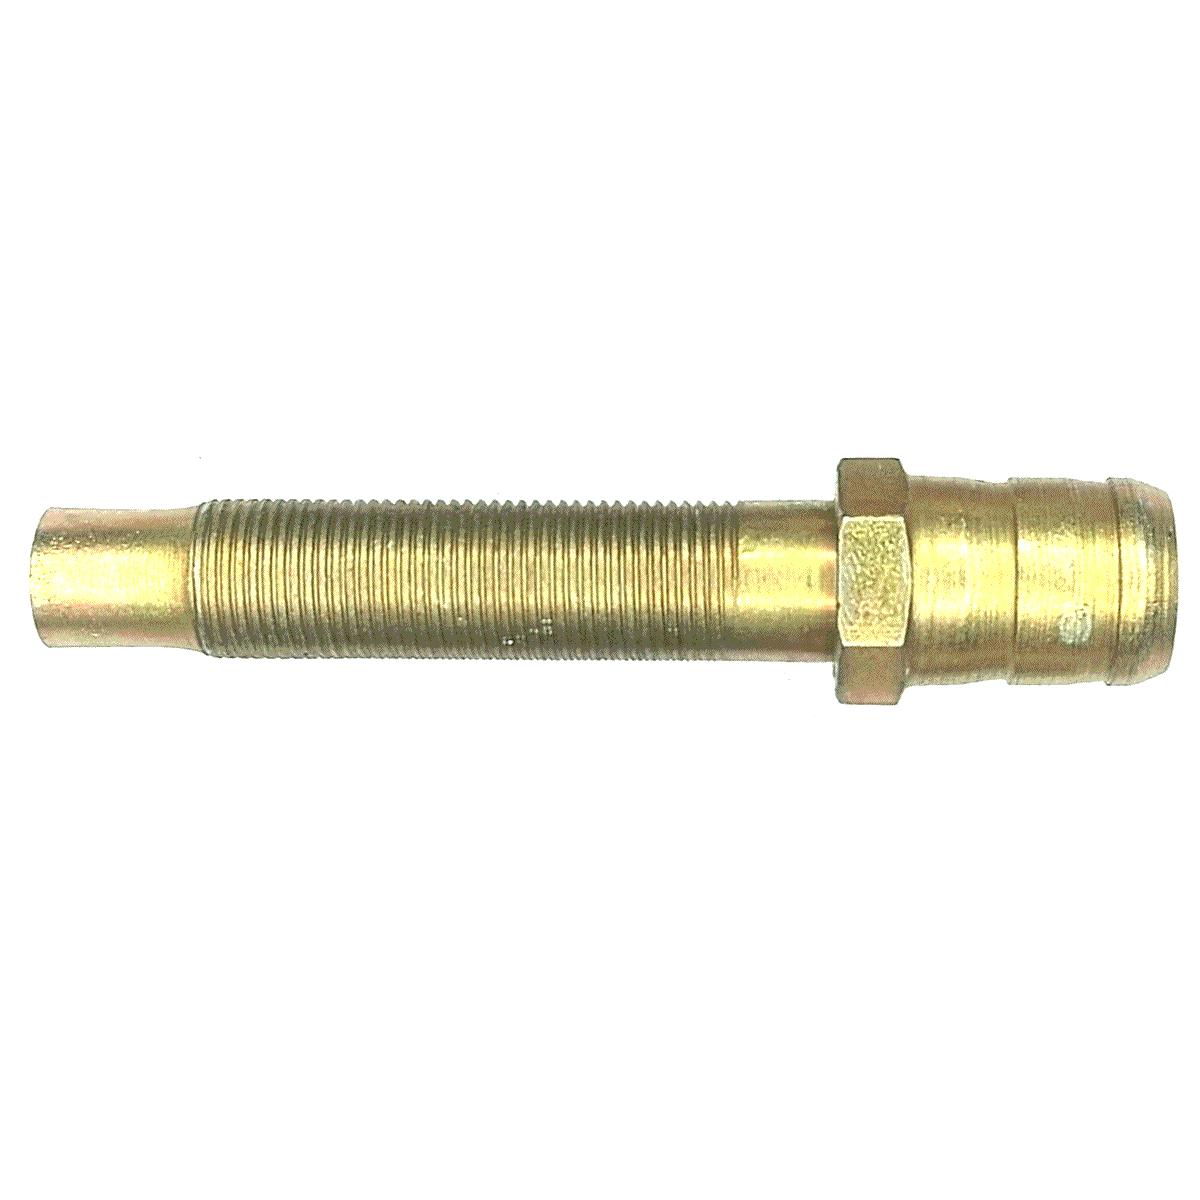 Kit 10 bicos injetores de 12mm para Misturadores e Carburadores